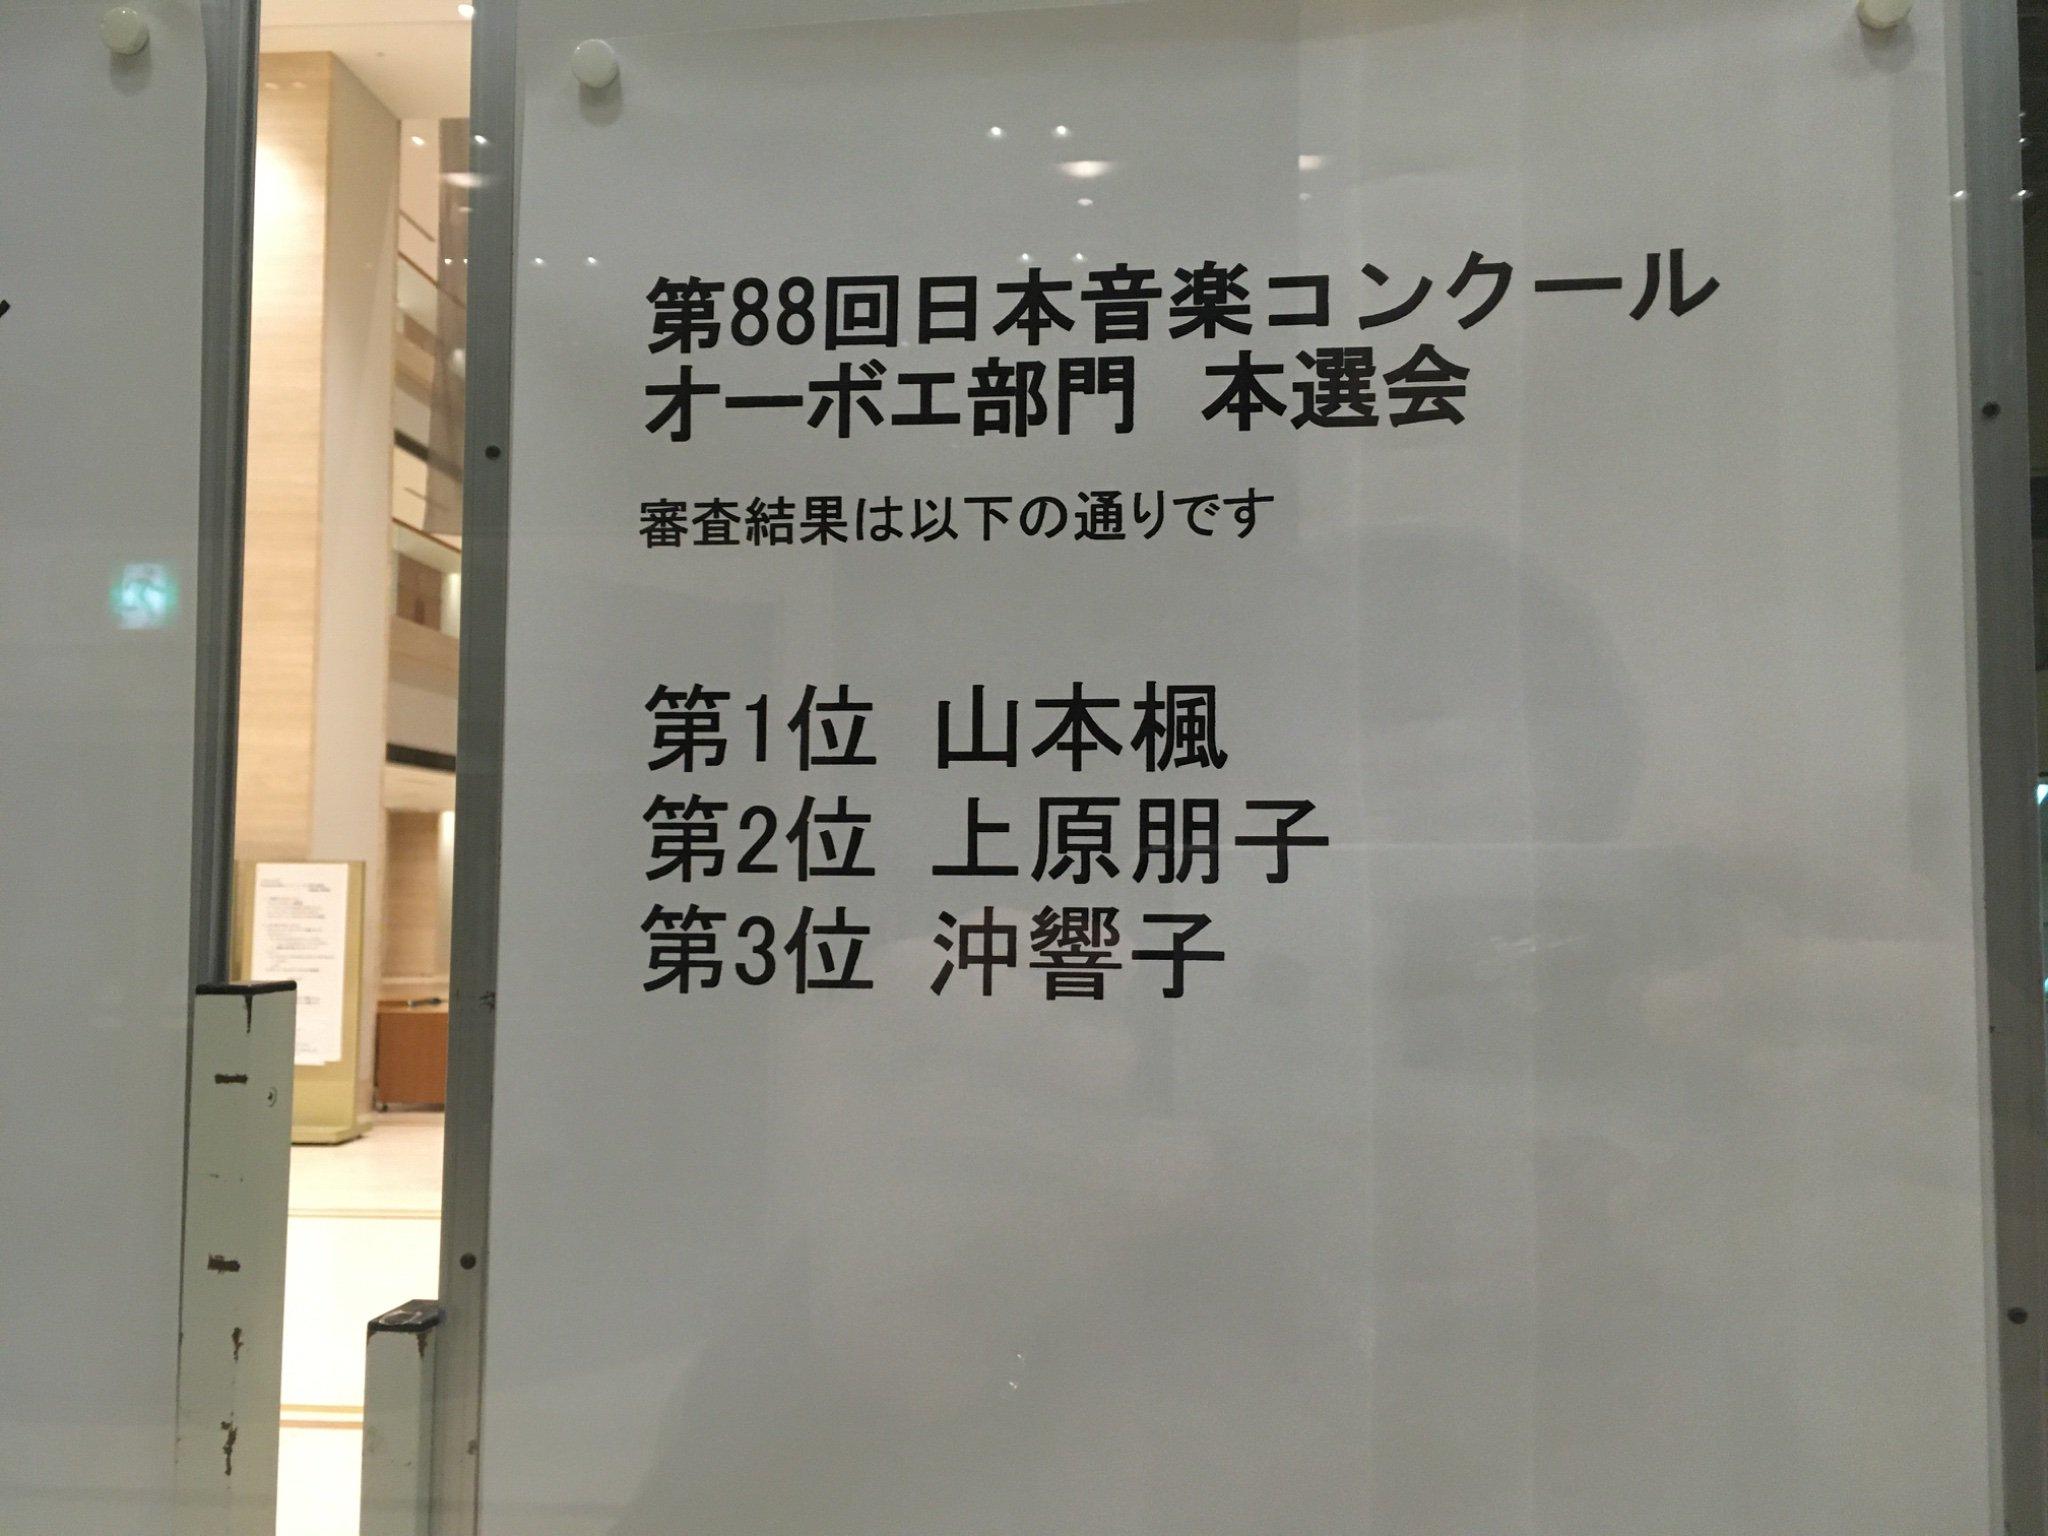 楓 オーボエ 山本